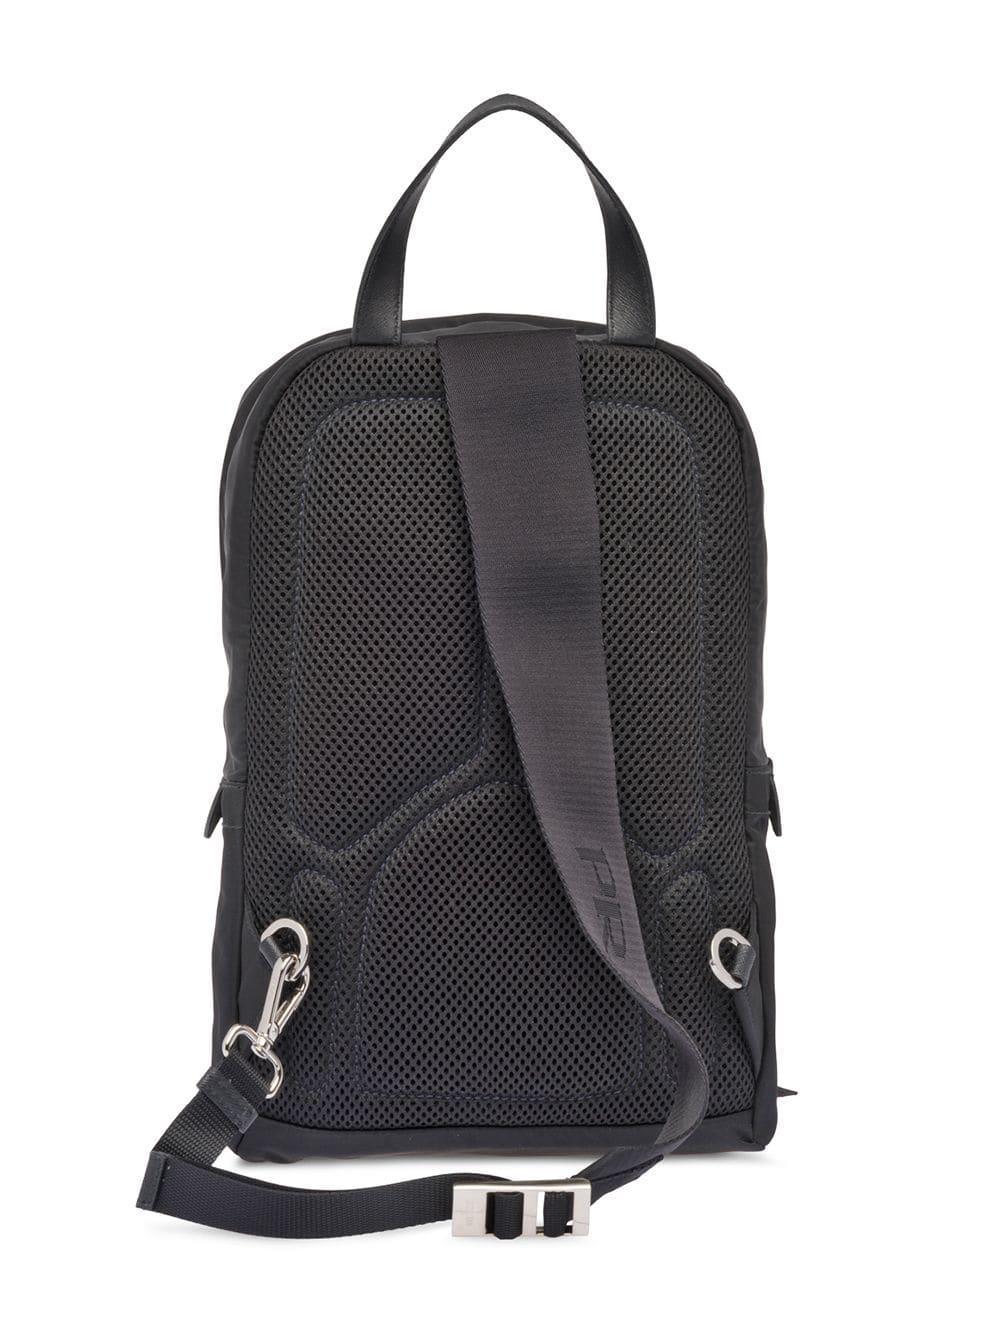 d8b8aa6932 Prada - Black One-shoulder Backpack - Lyst. View fullscreen